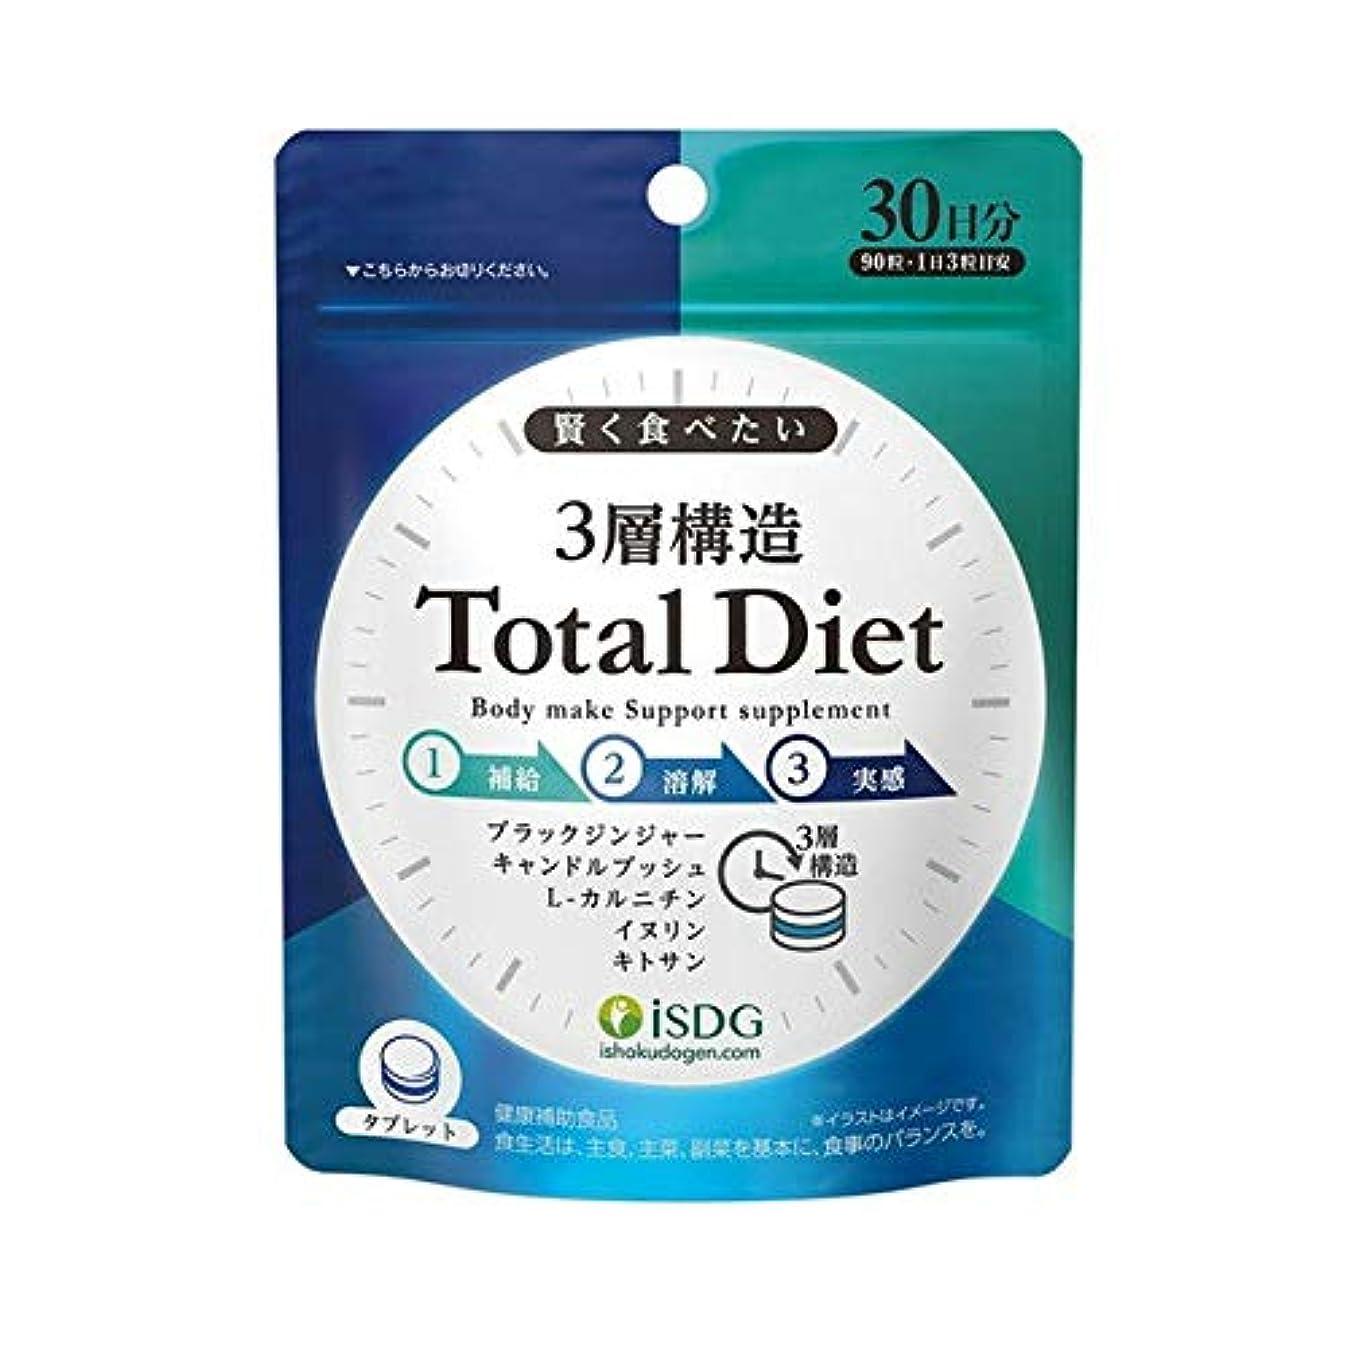 短命マイコンレモン医食同源ドットコム ISDG 3層構造 Total Diet 90粒入 トータル ダイエット×10個セット